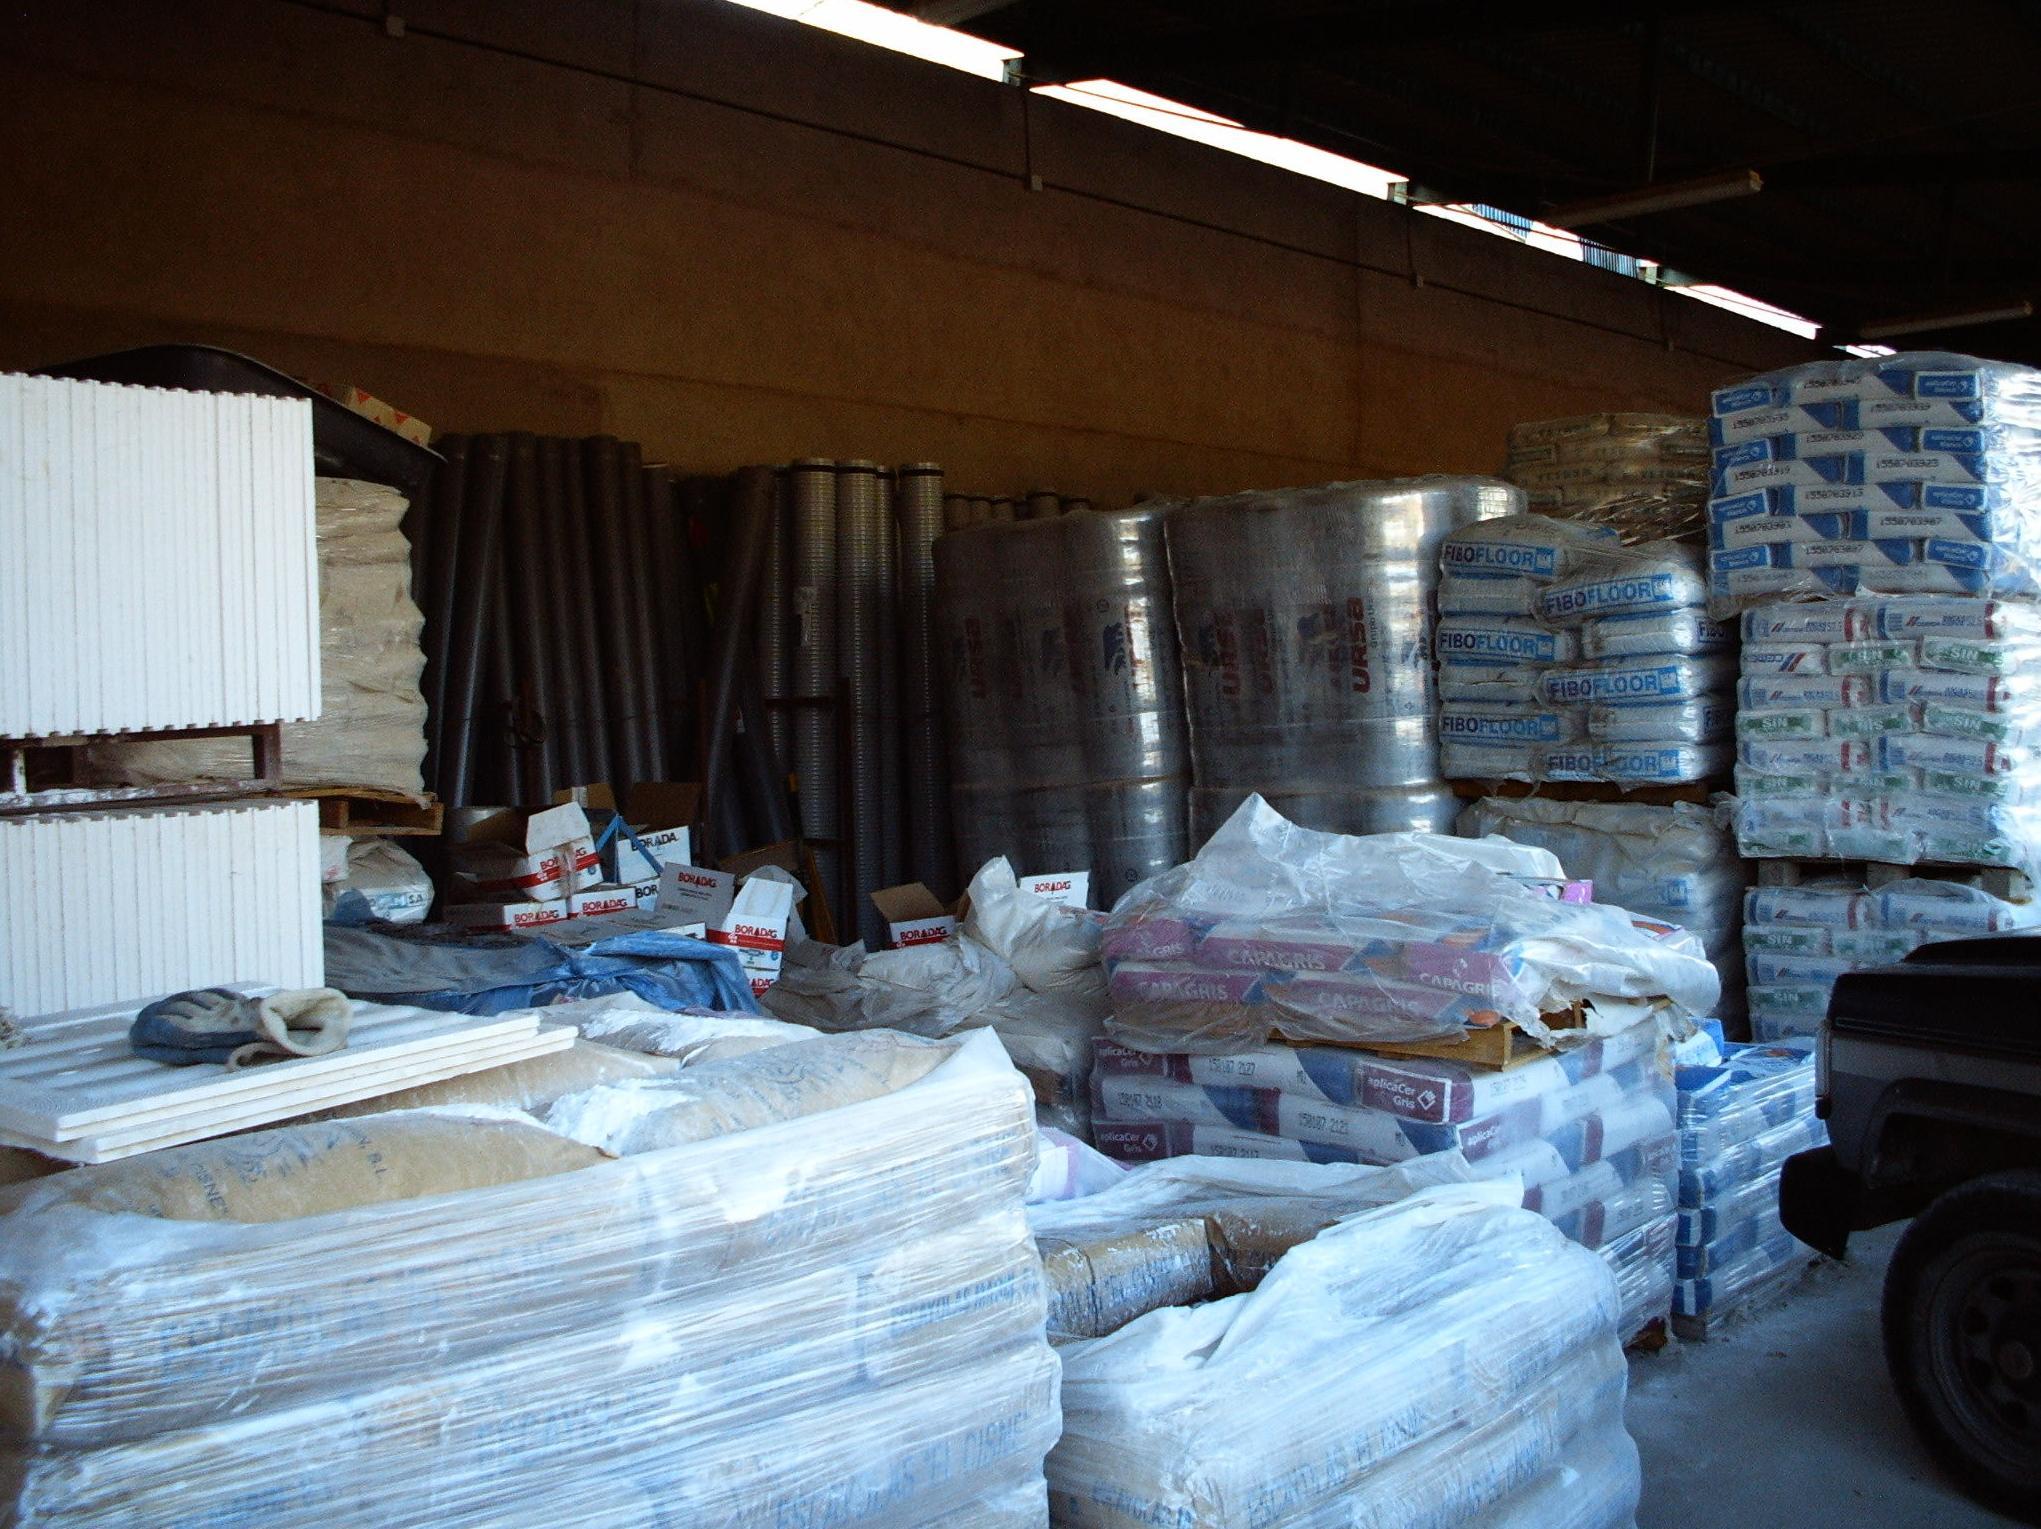 F. Campanero Materiales Construcción, S.L. en Horcajo de Santiago, Cuenca. Almacén